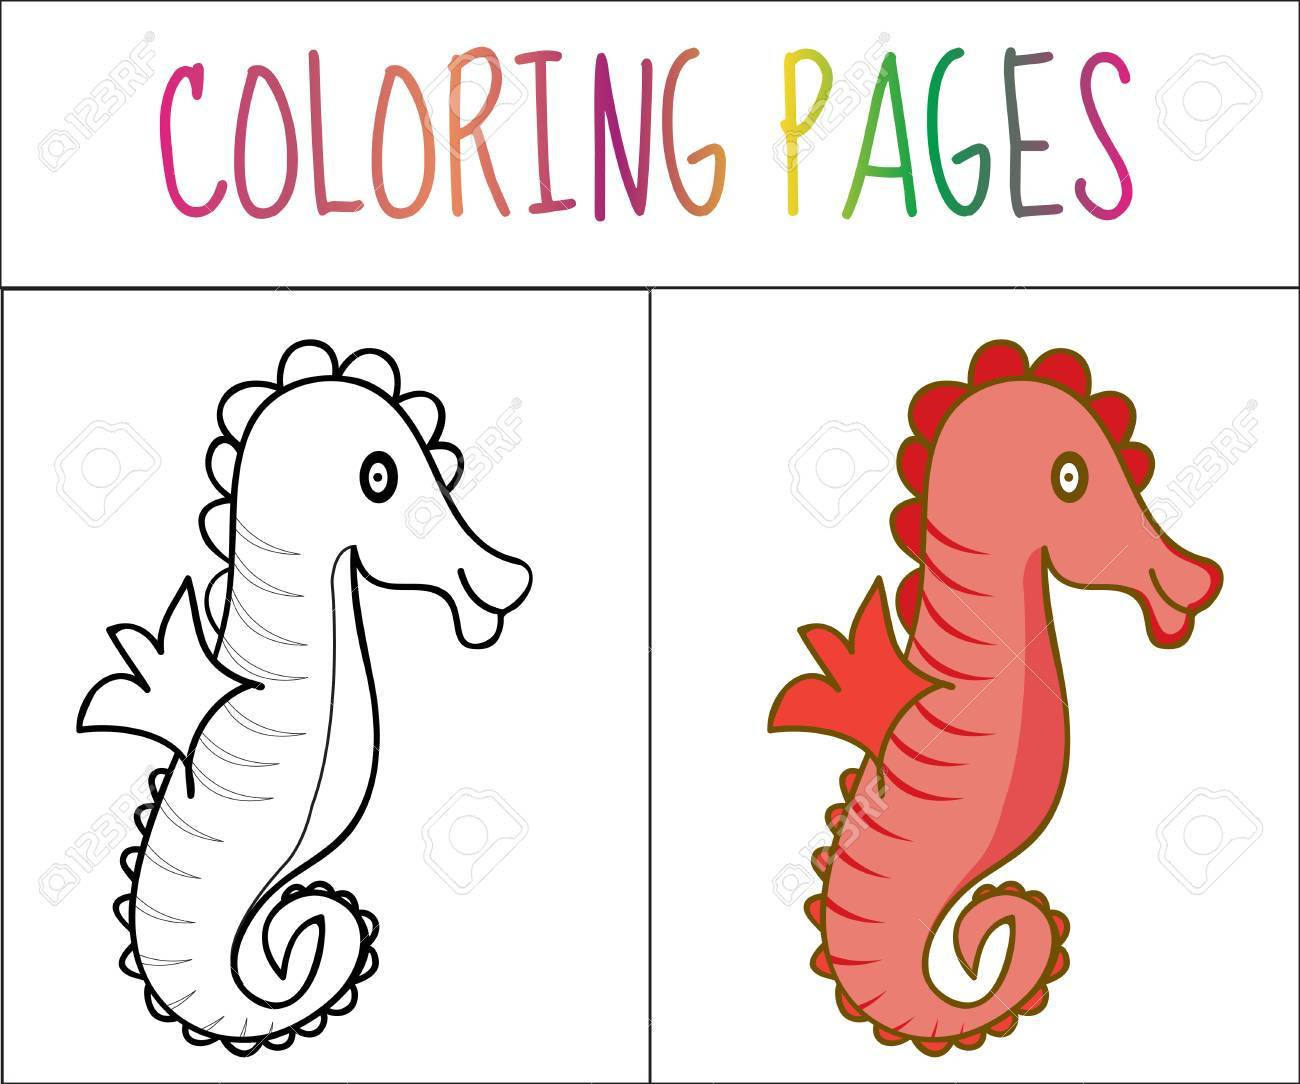 Libro De Colorear Caballito De Mar Croquis Y Versión En Color Dibujos Para Colorear Para Niños Ilustración Vectorial